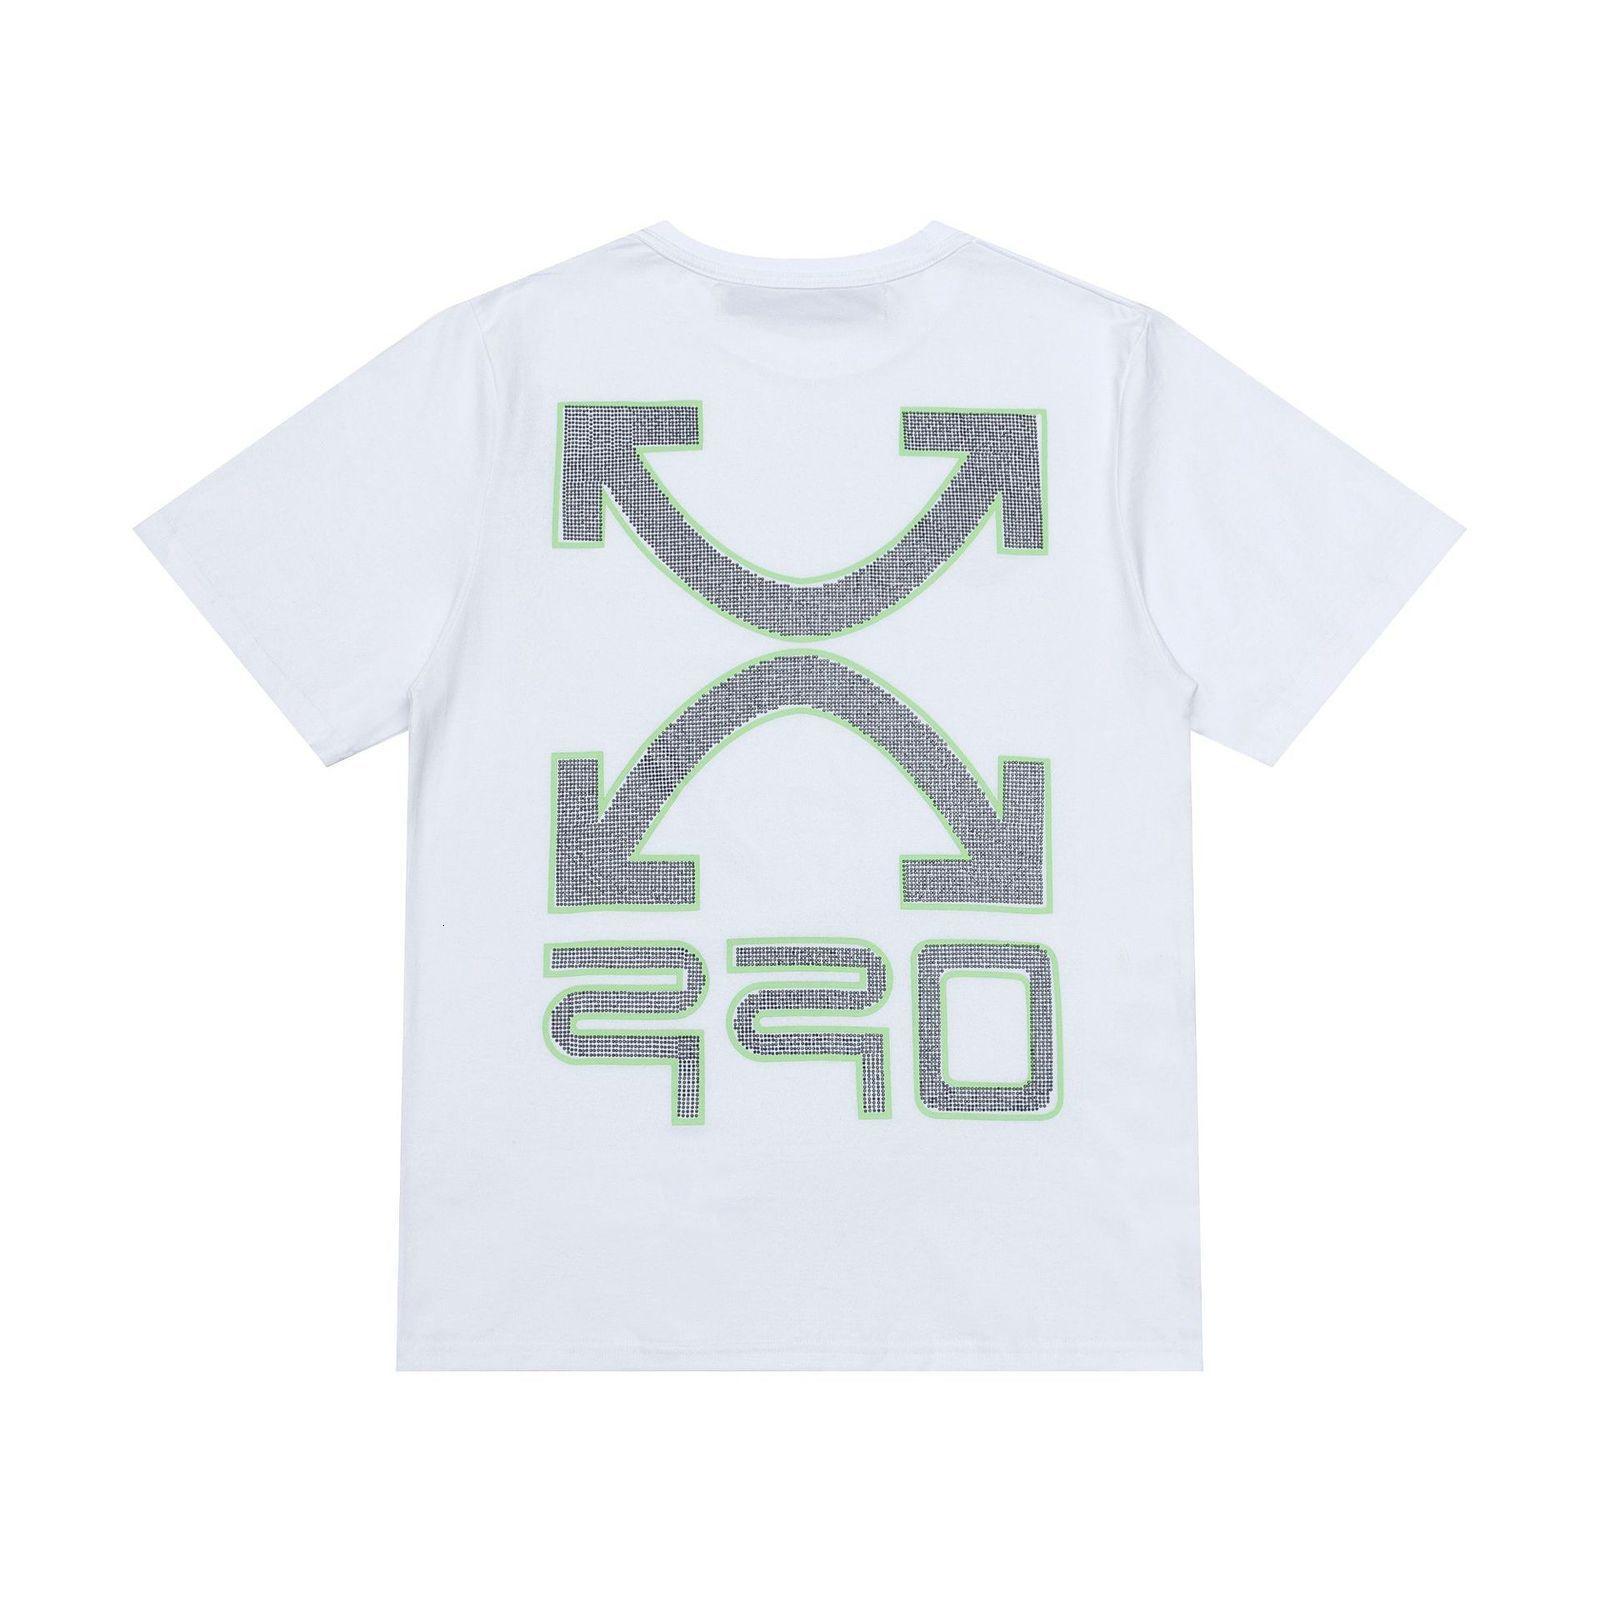 2021 Primavera Summer New Off Style Style Stampa bianca, stampaggio a caldo e t-shirt manica corta versatile